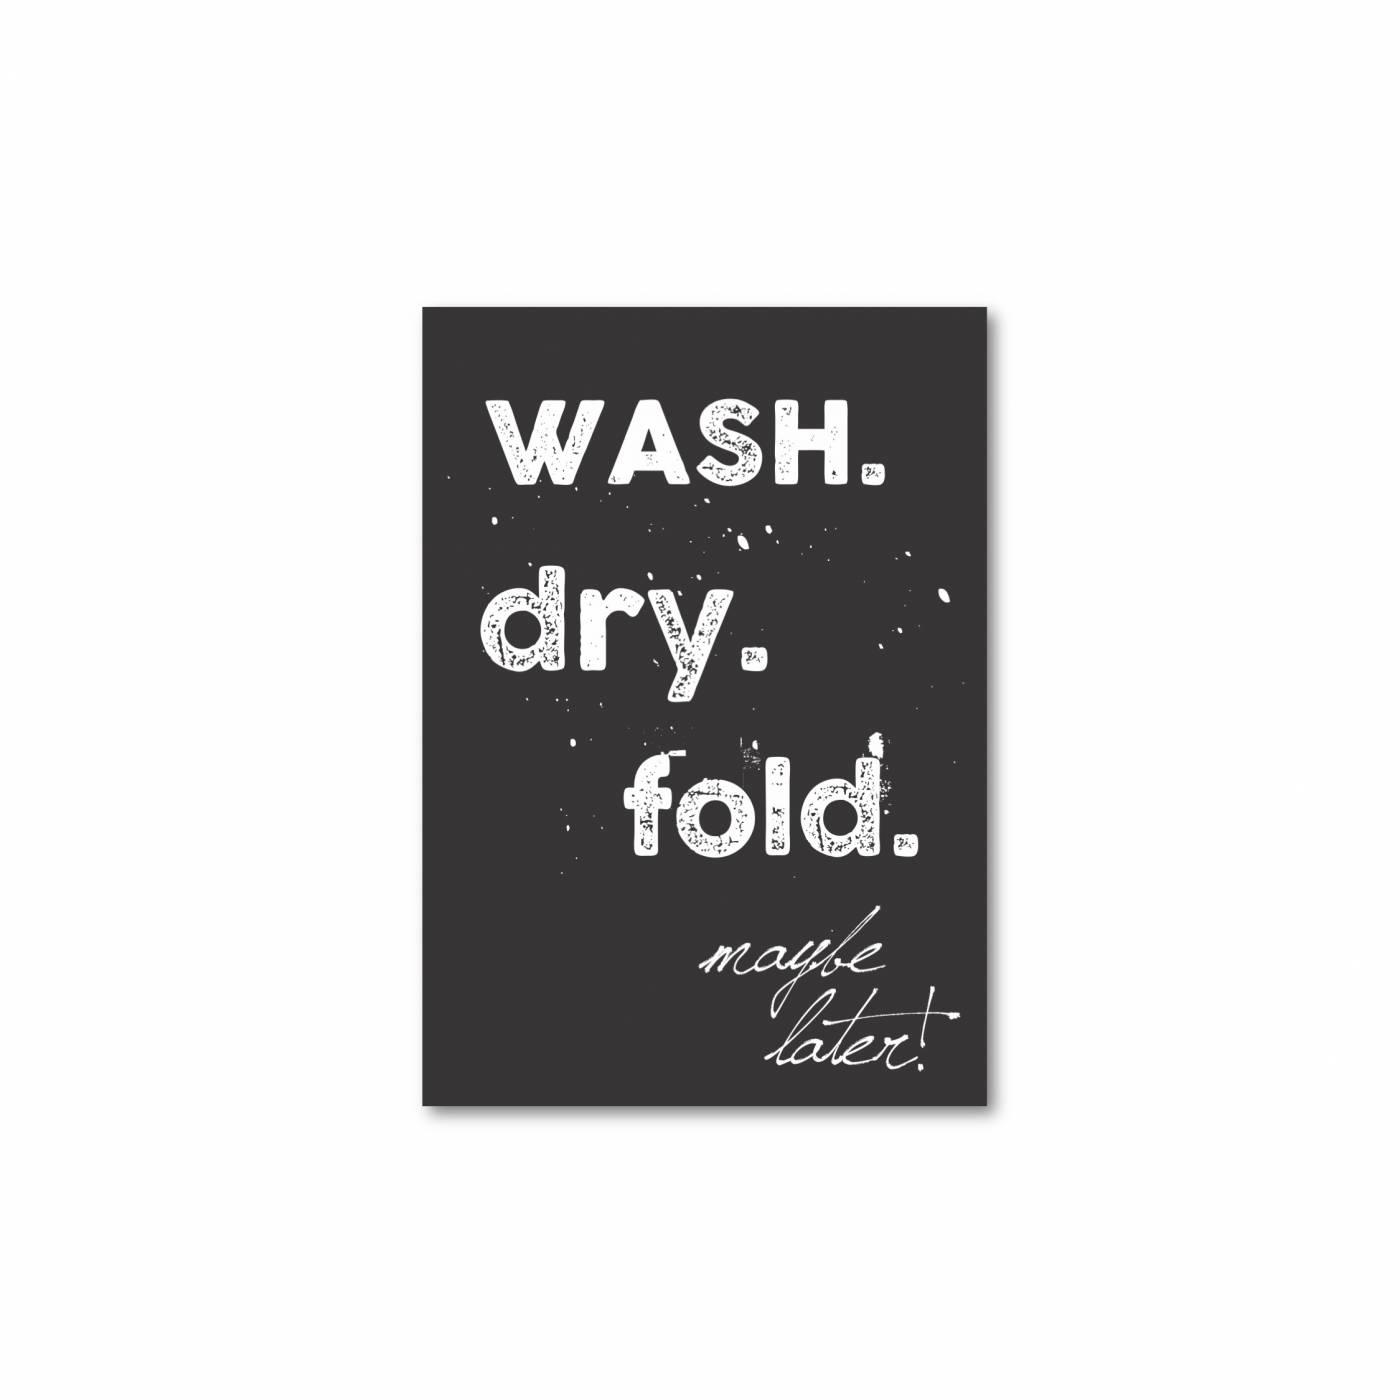 Wash dry